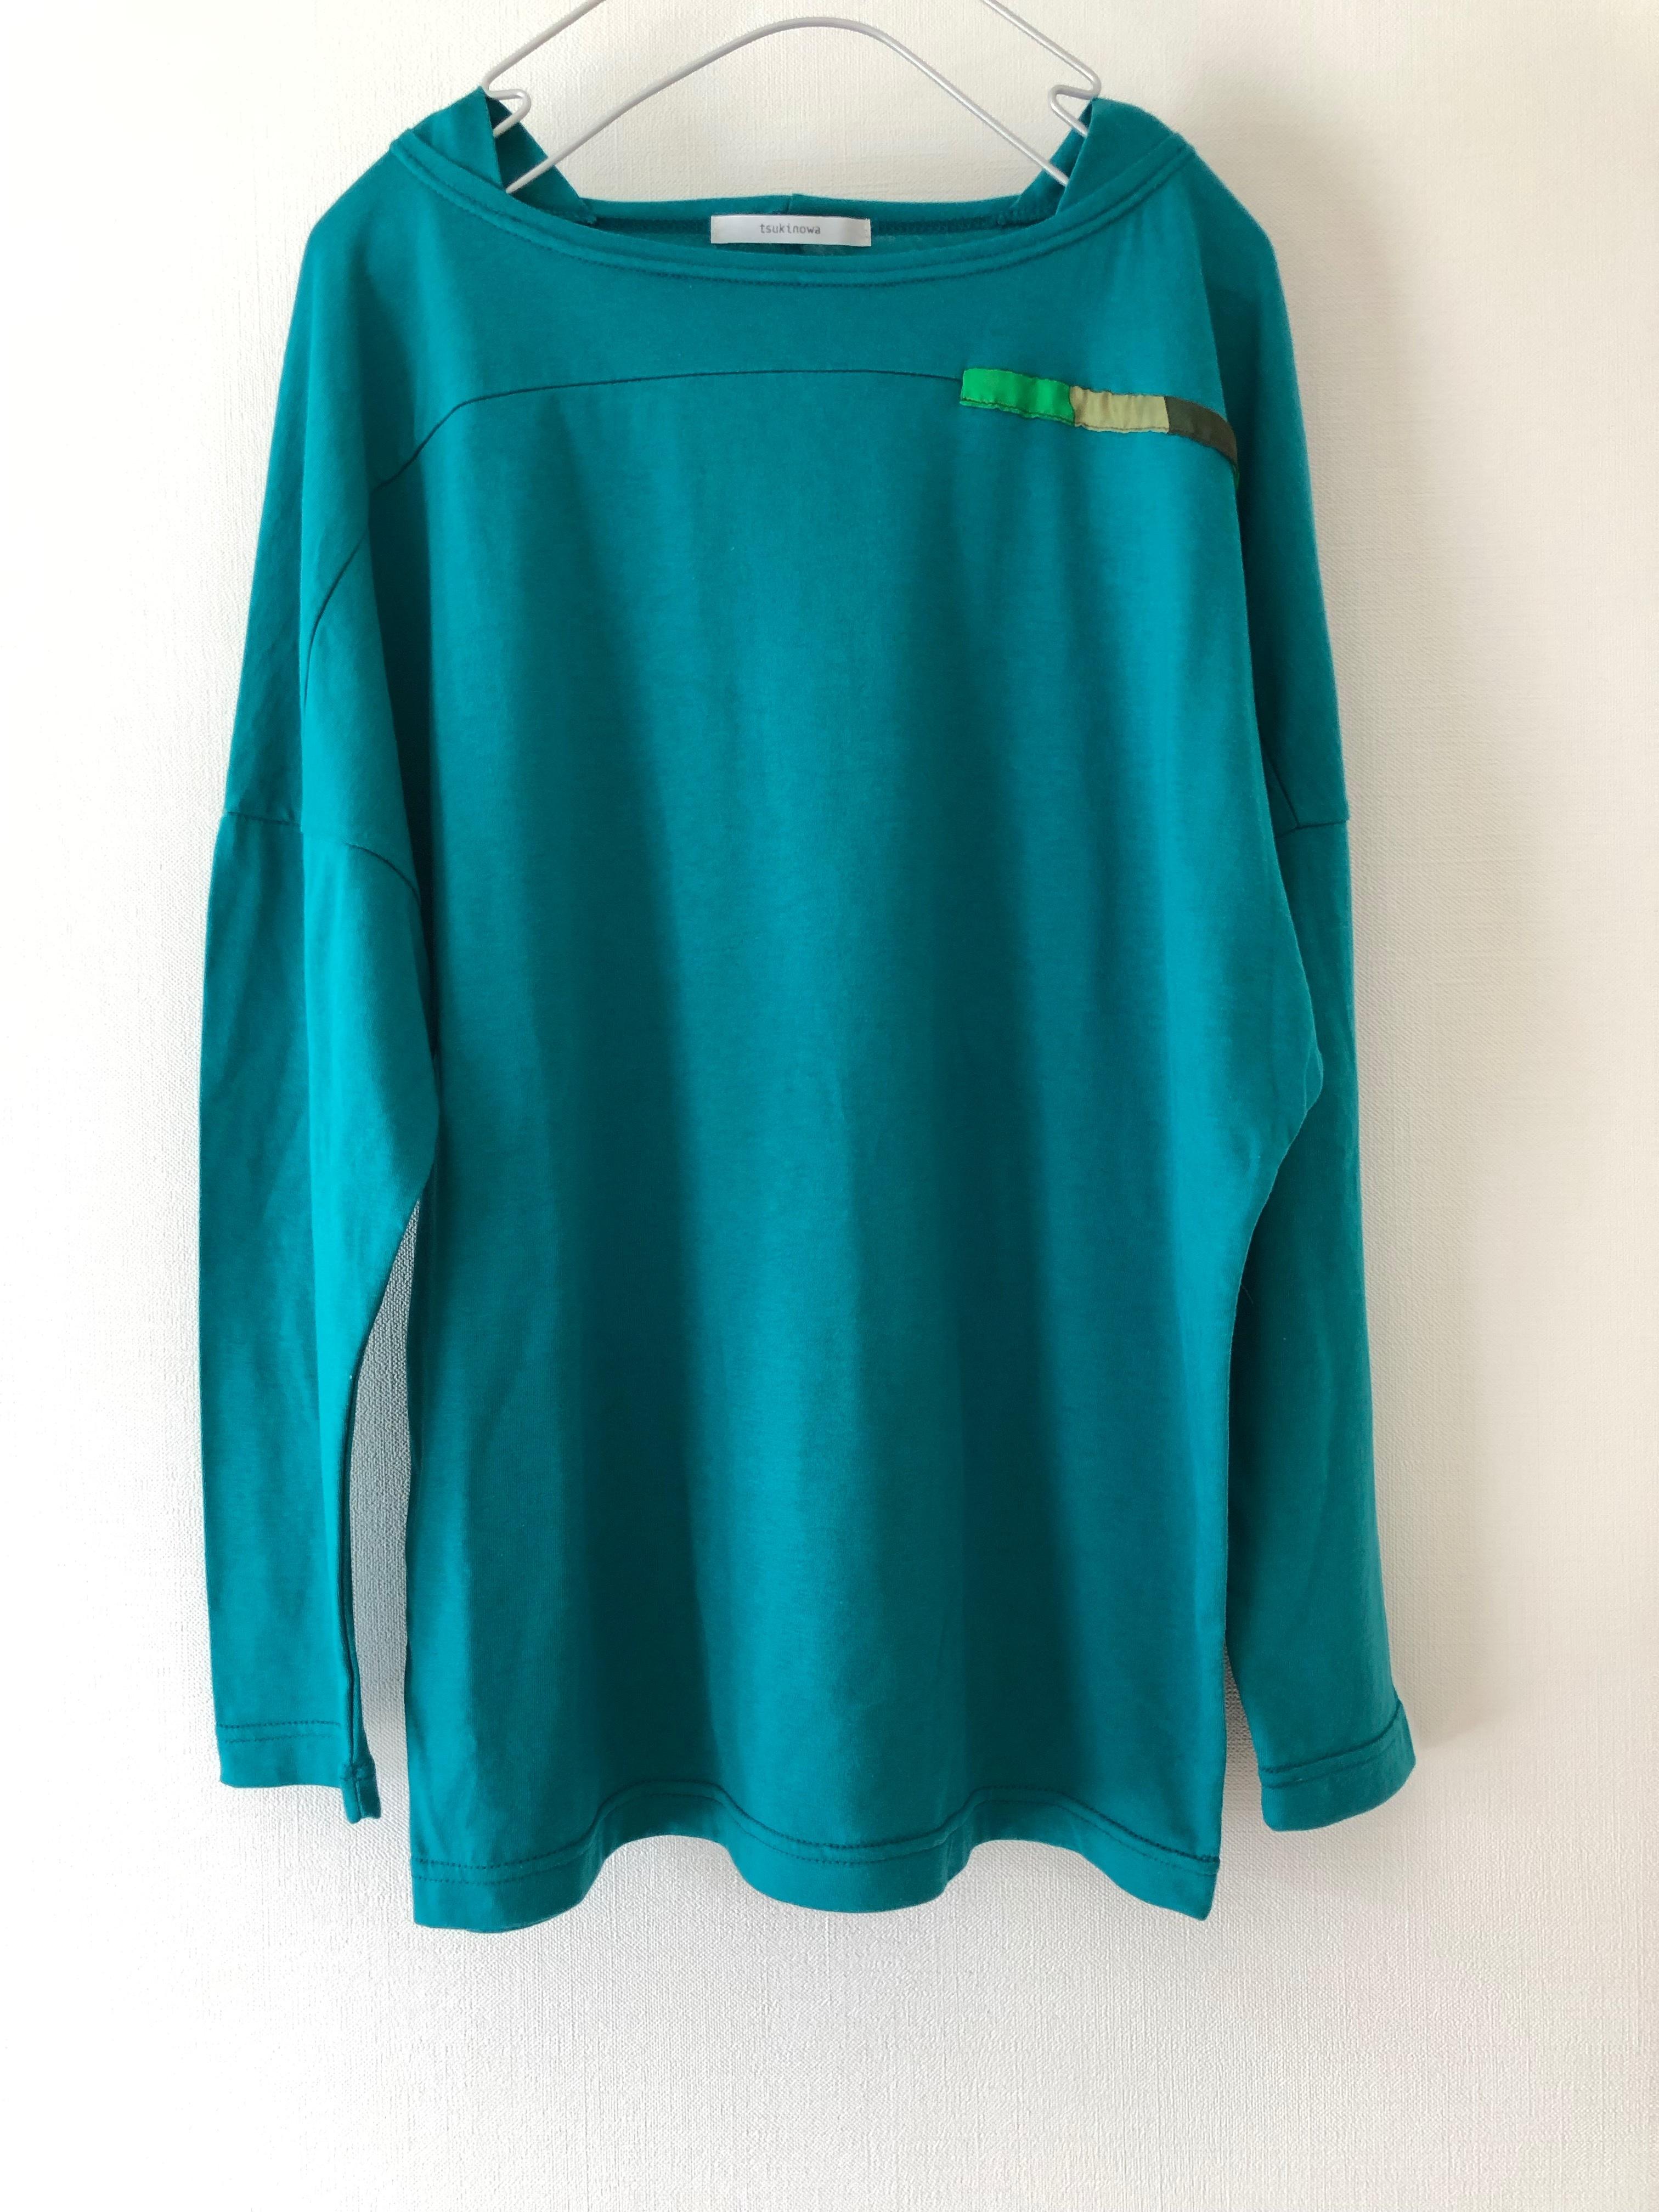 TT-009 (green)